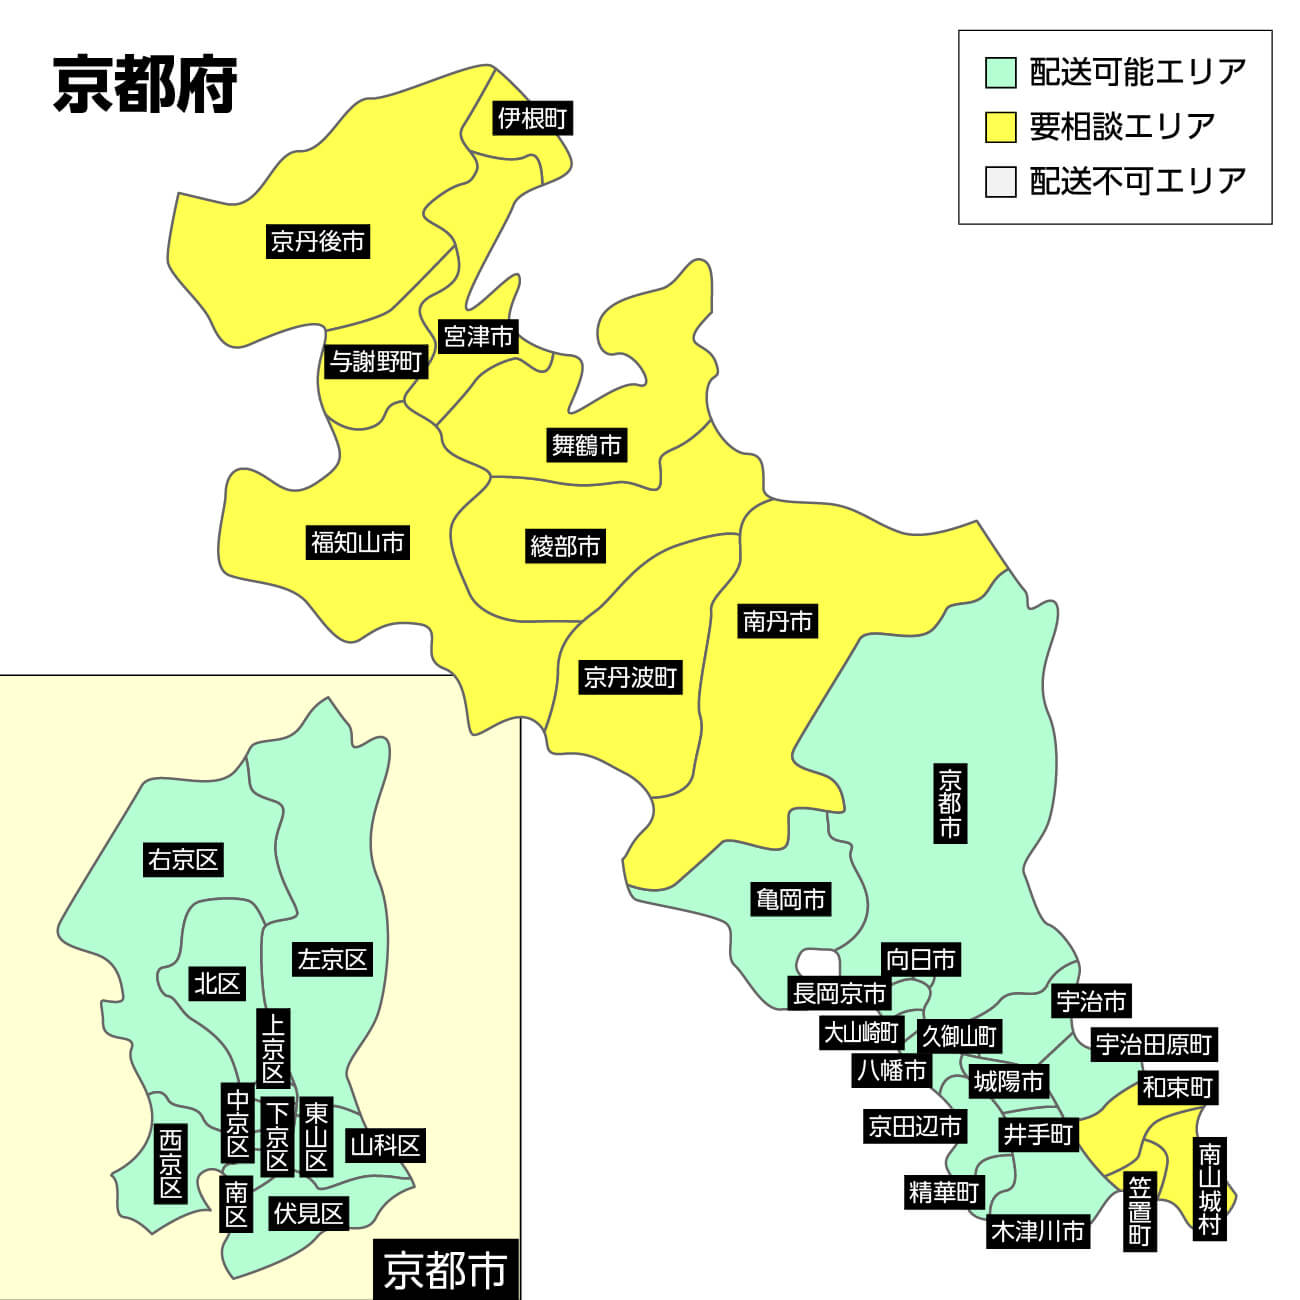 京都府の集荷可能エリア